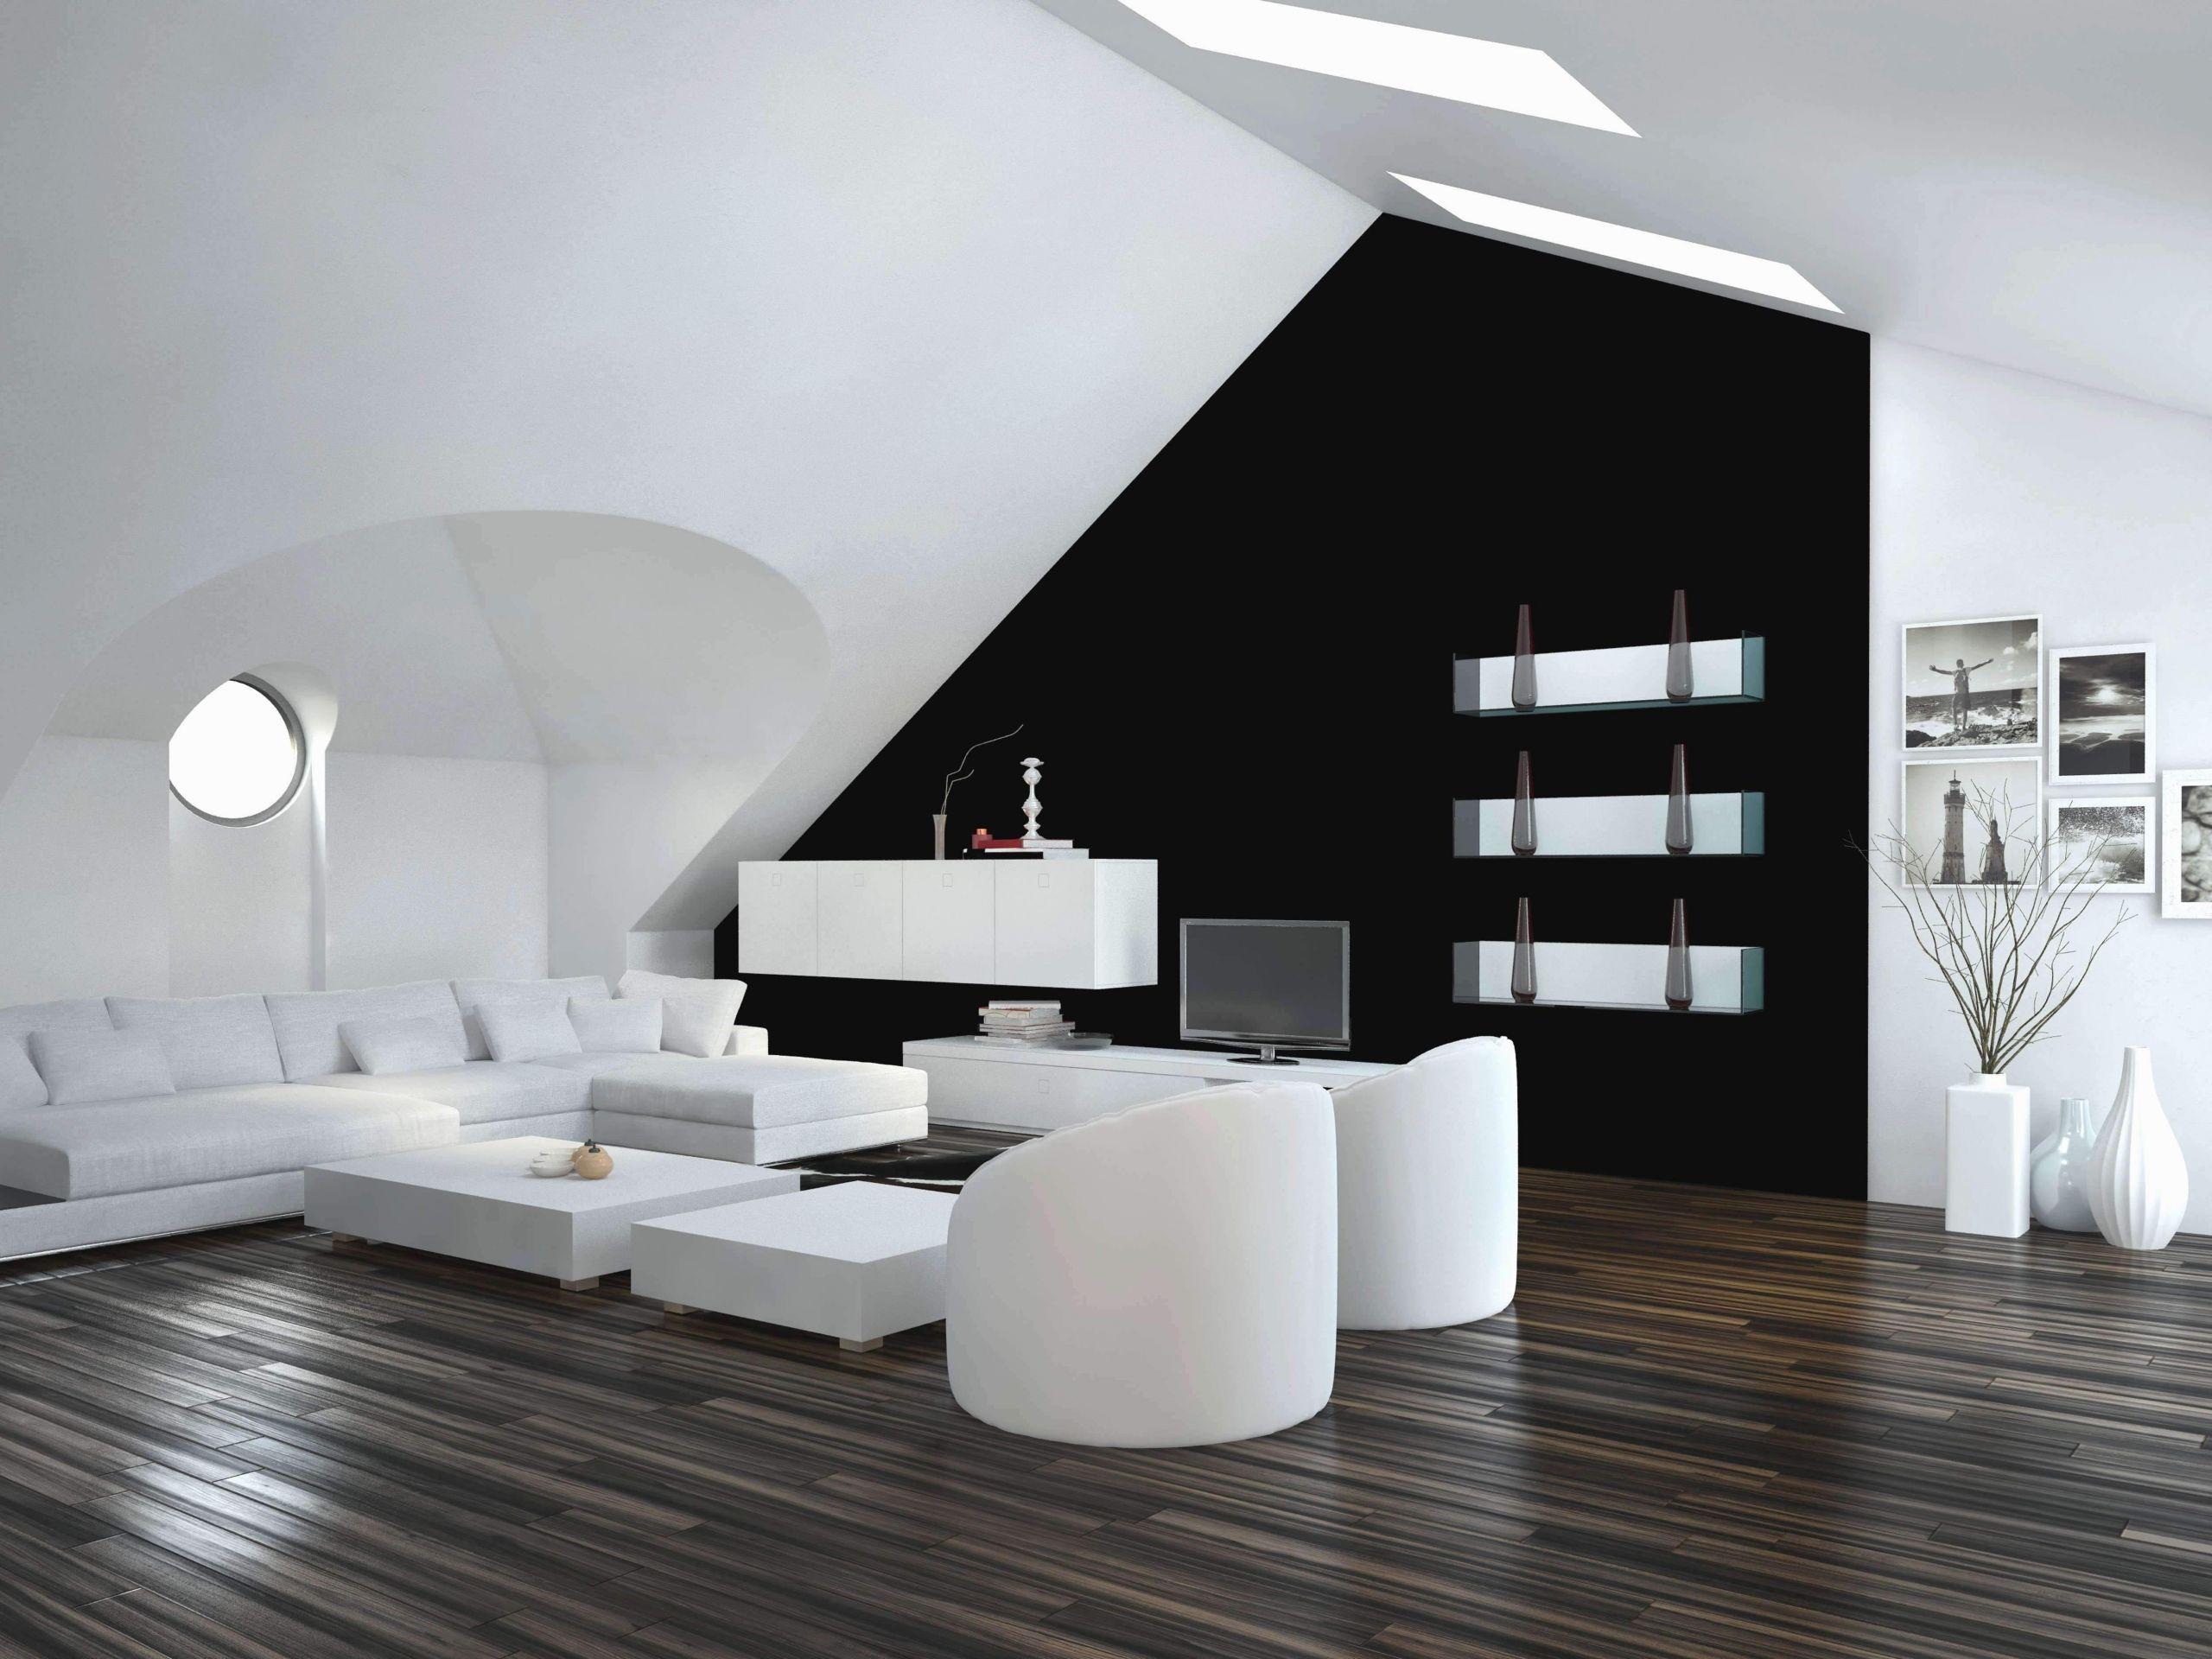 wohnzimmer ideen einzigartig wohnzimmer steinwand schon wohnzimmer deko ideen aktuelle of wohnzimmer ideen